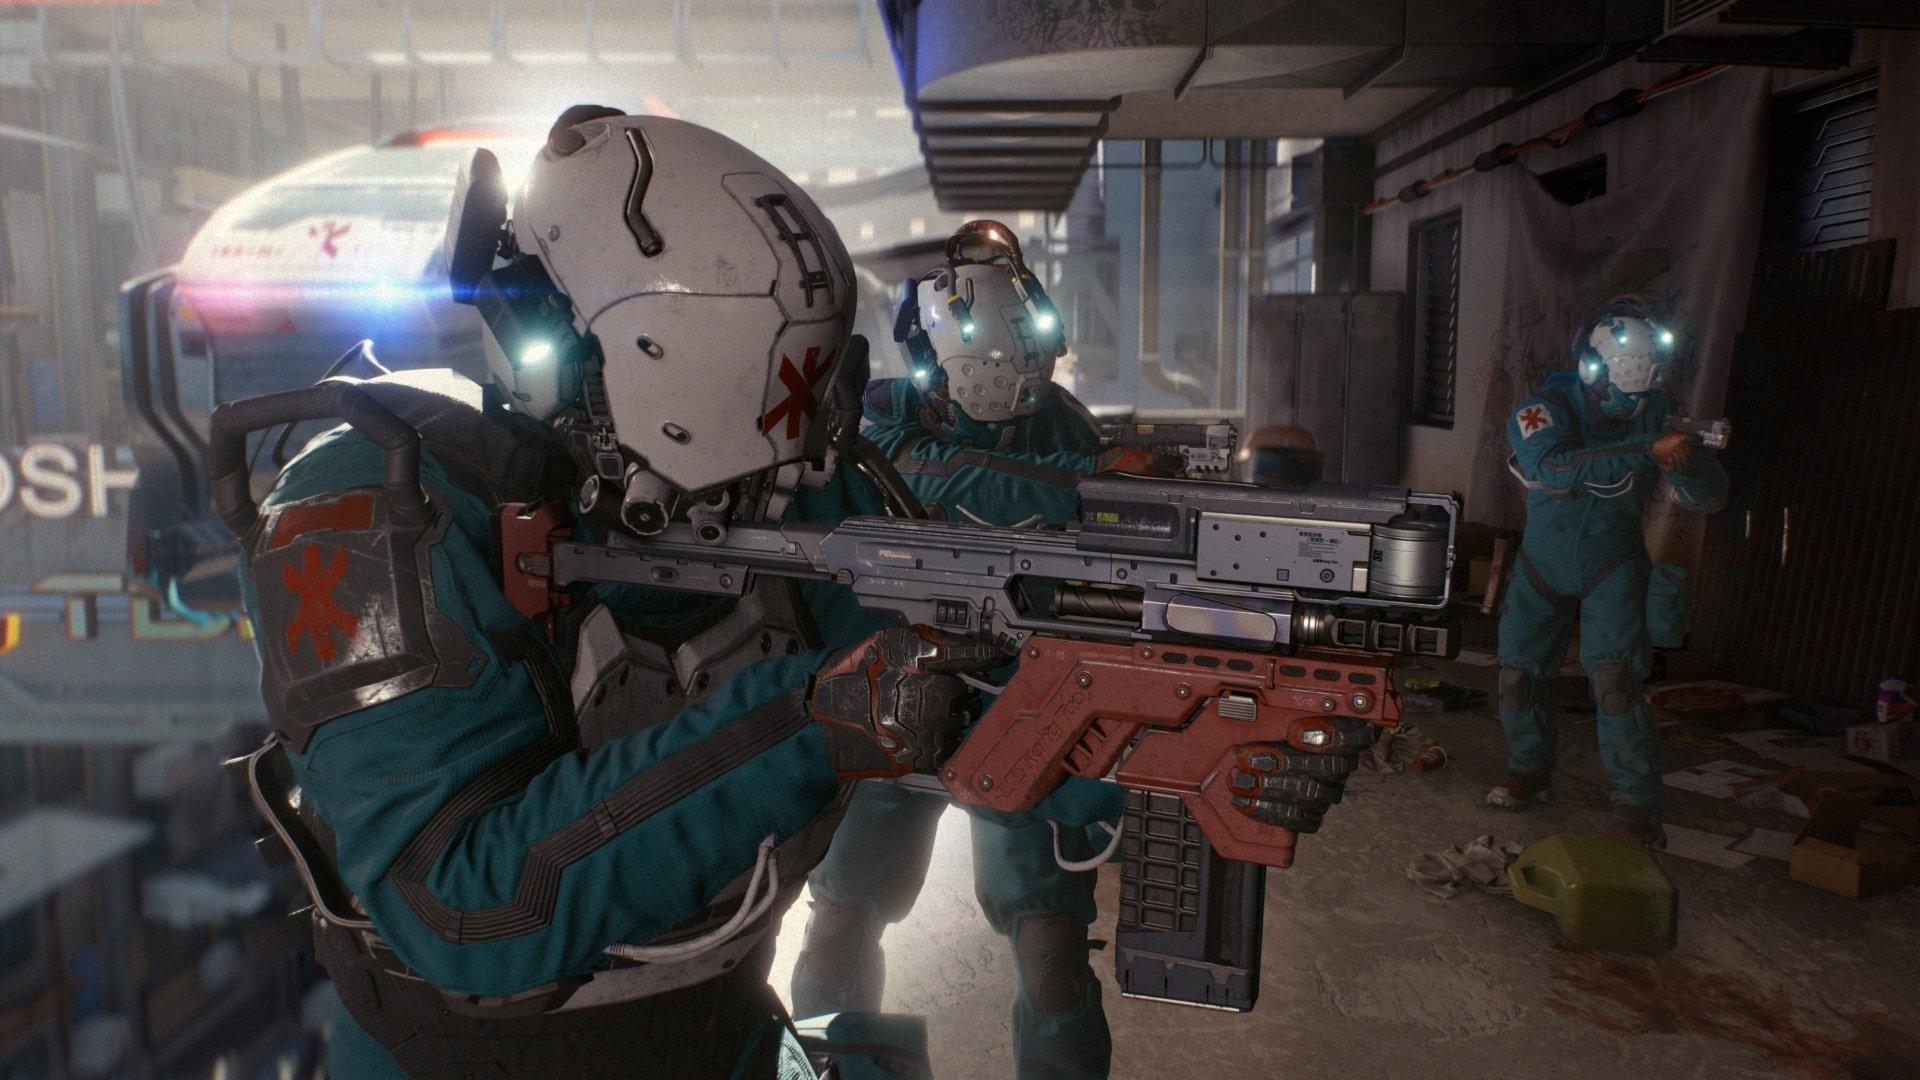 «Я не могу назвать это катастрофой»: глава CDPR ответил на расследование о разработке Cyberpunk 2077